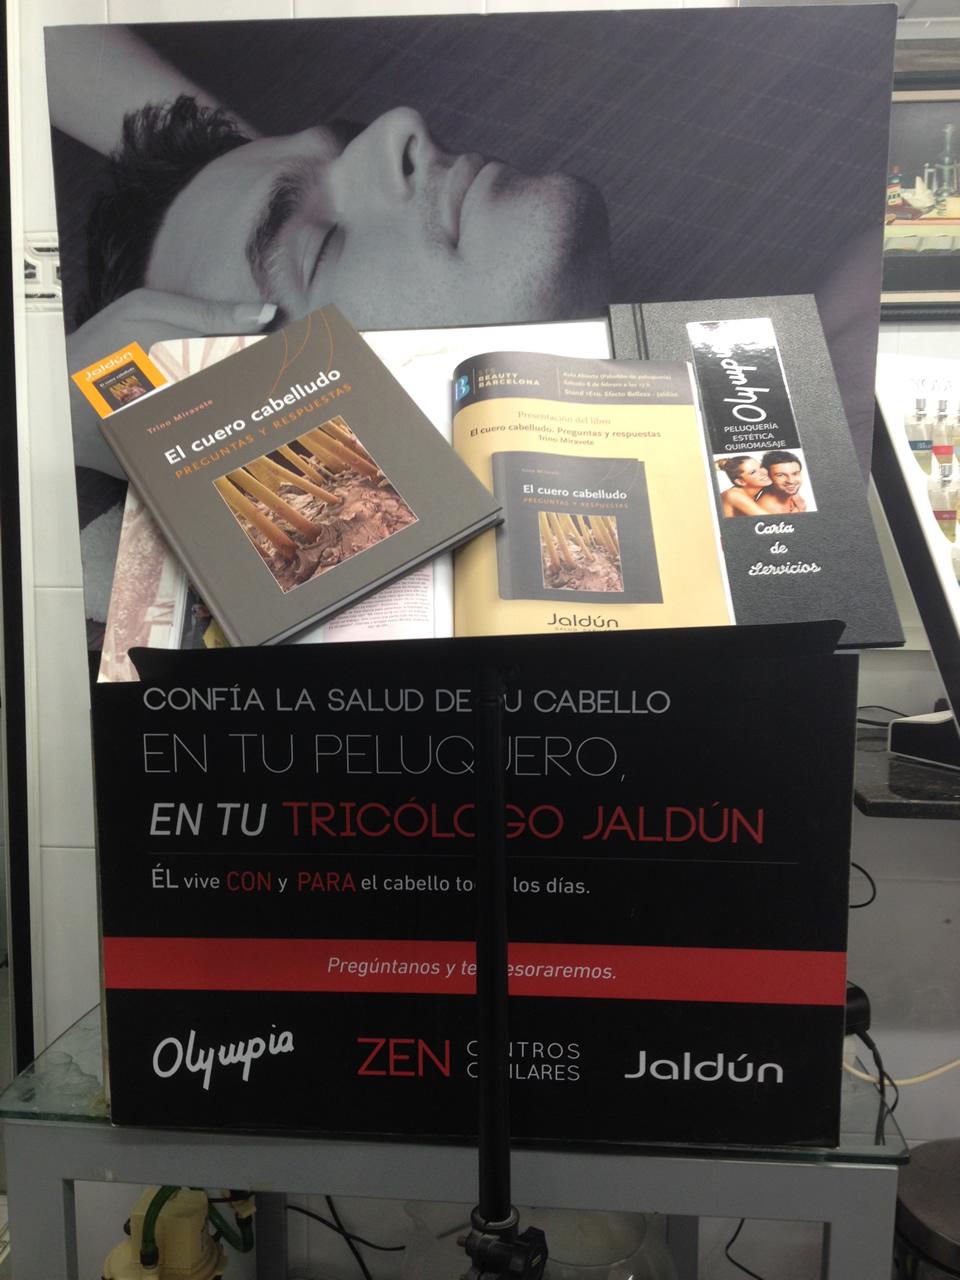 Olympia Zen Centros Capilares. Libro 'El cuero cabelludo' – Jaldún